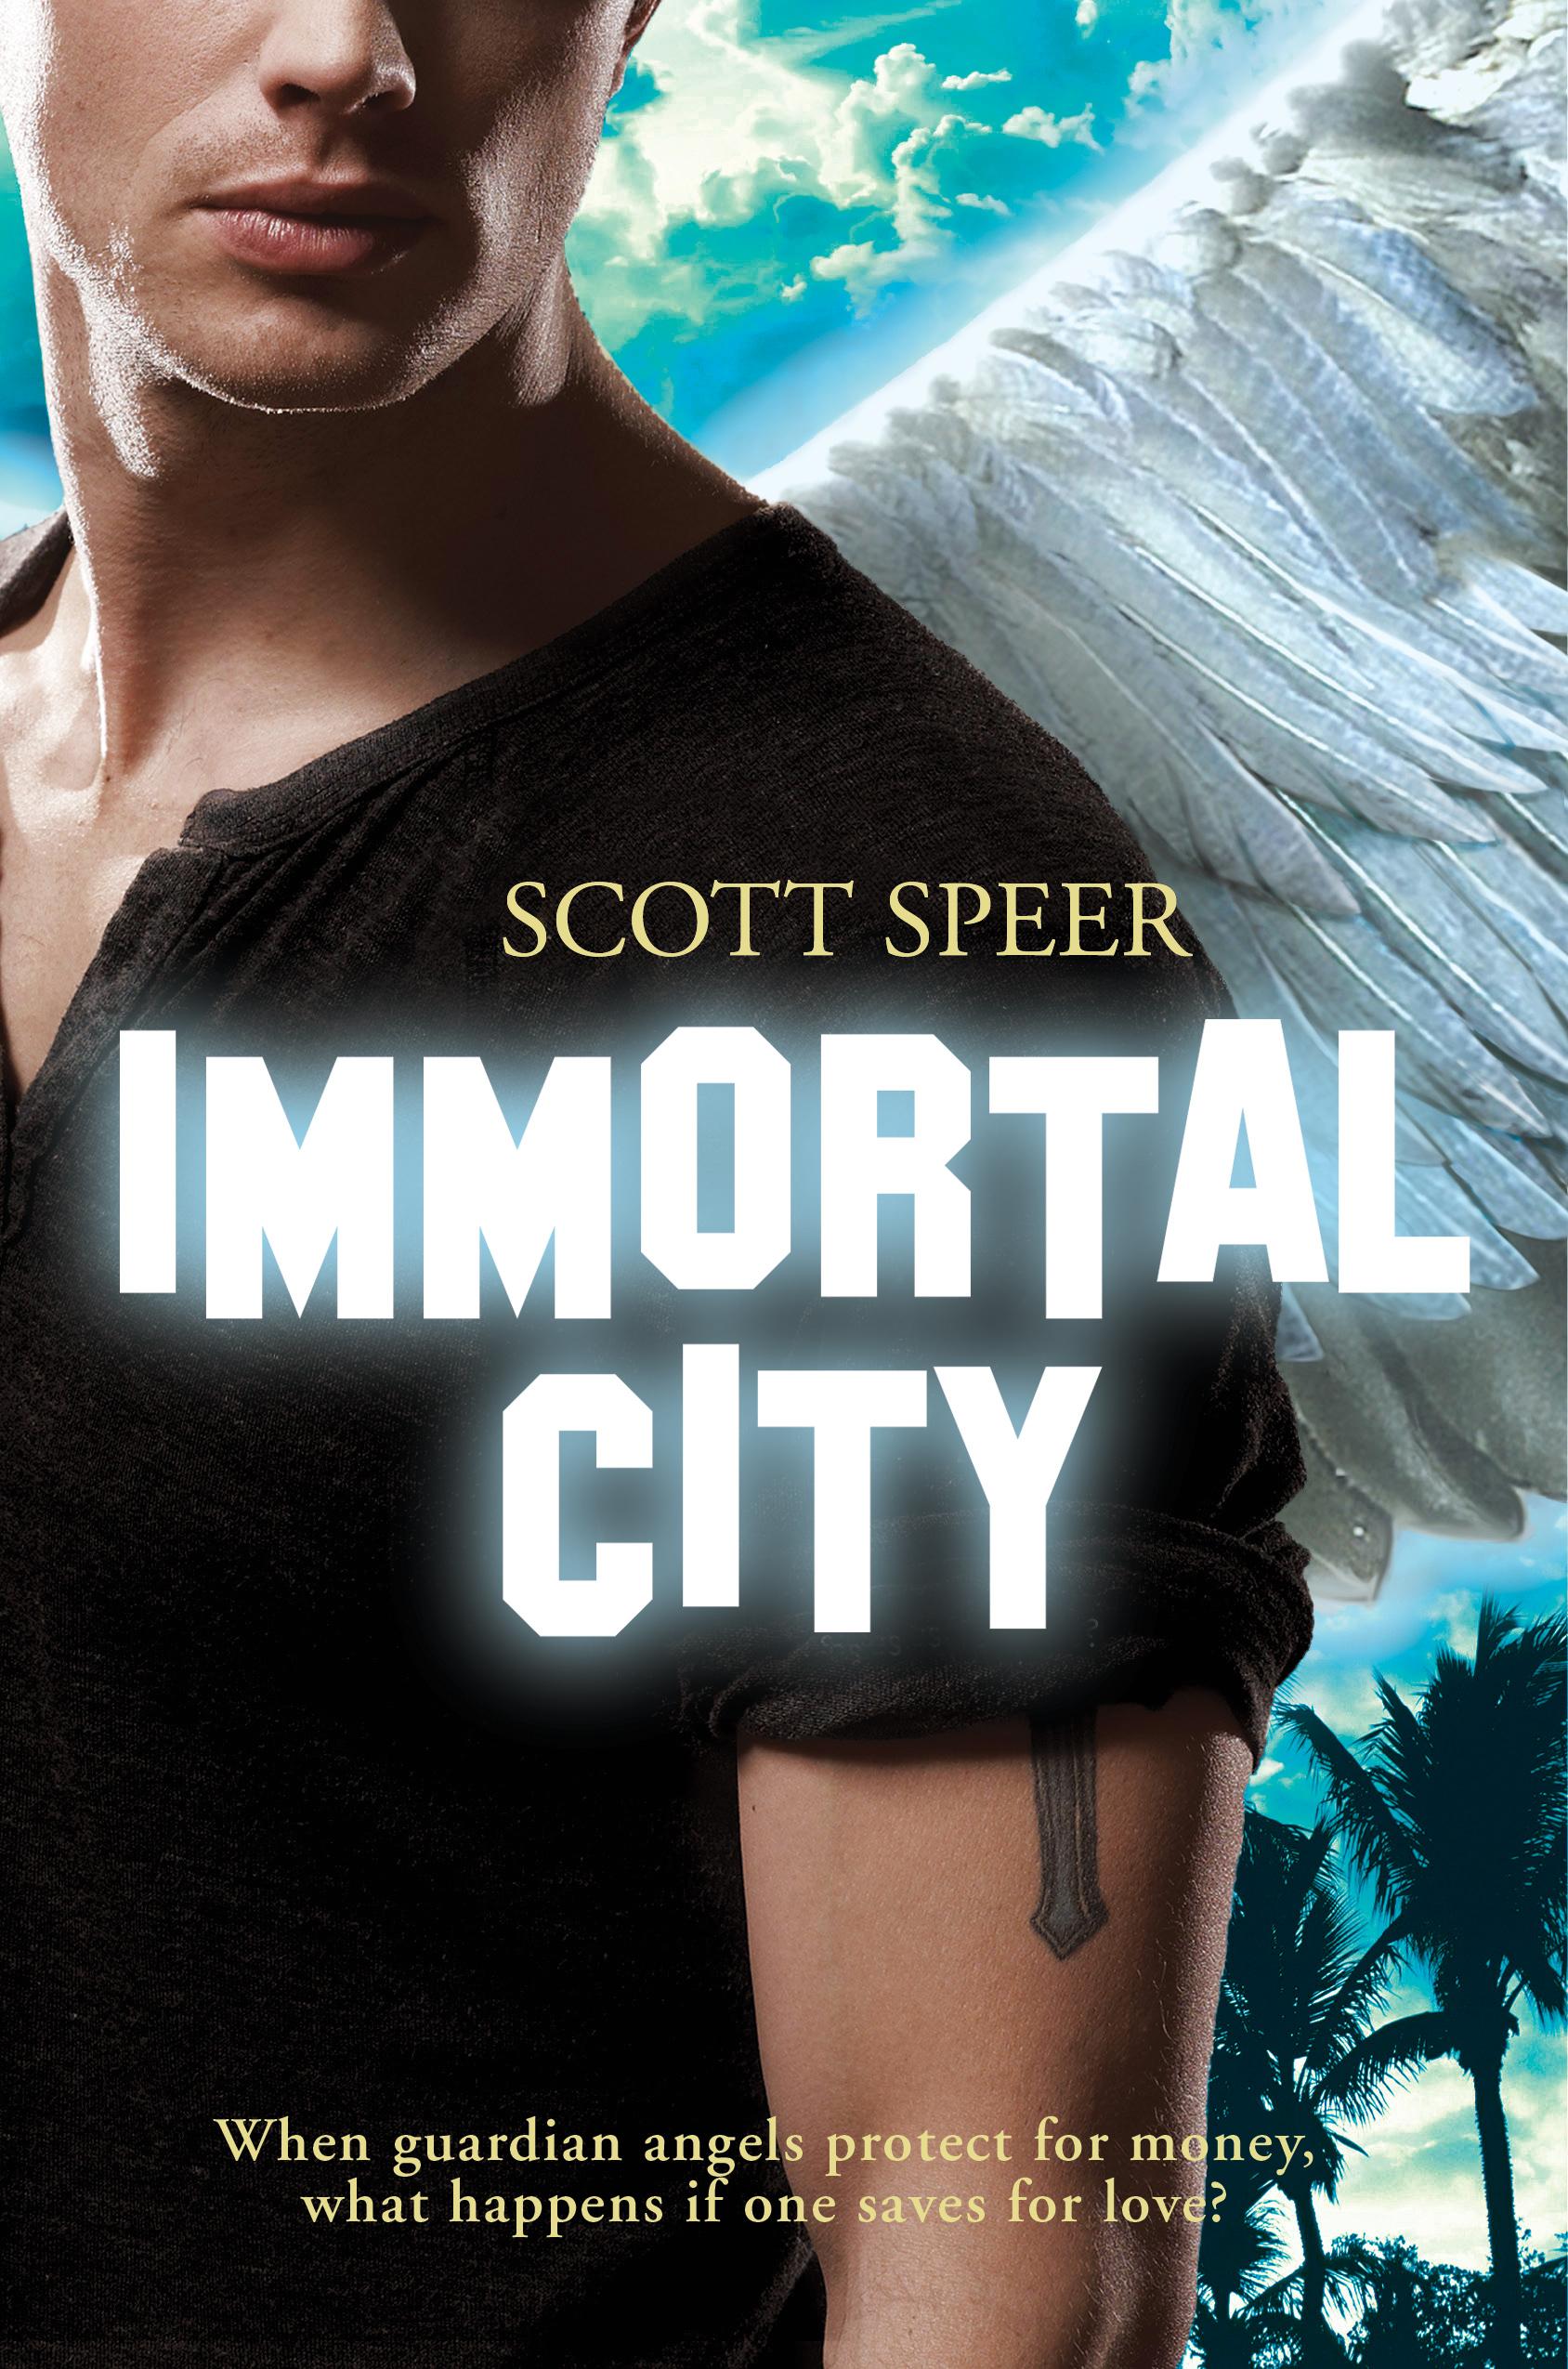 scott speer immortal city pdf free